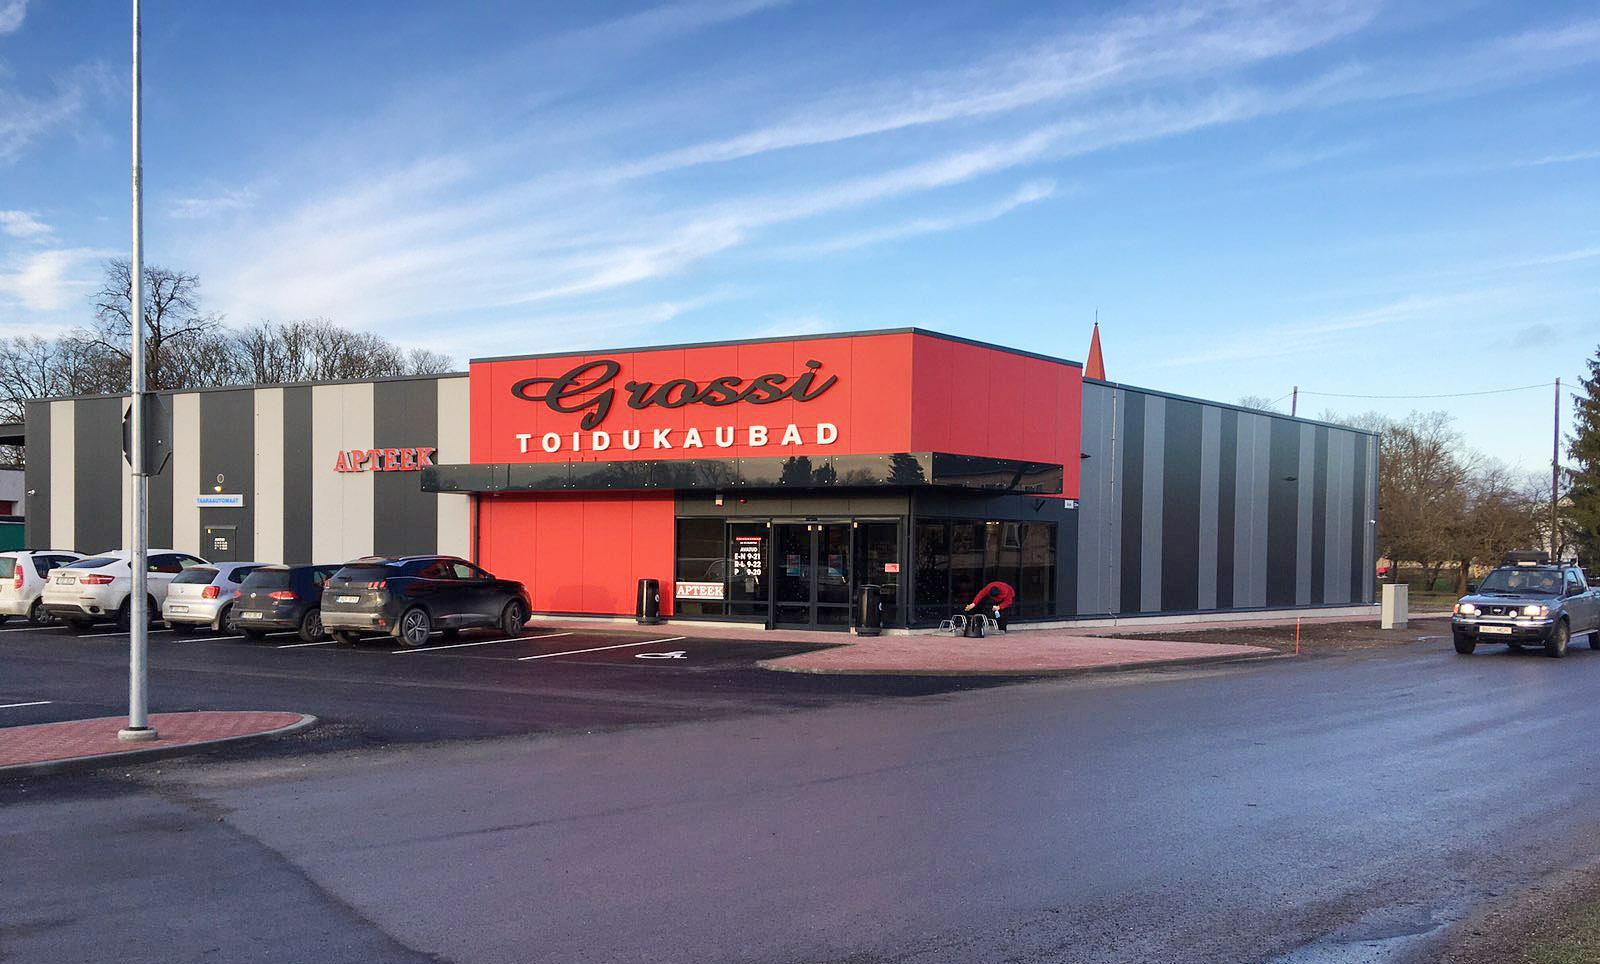 Pärnu-Jaagupi Grossi 2019